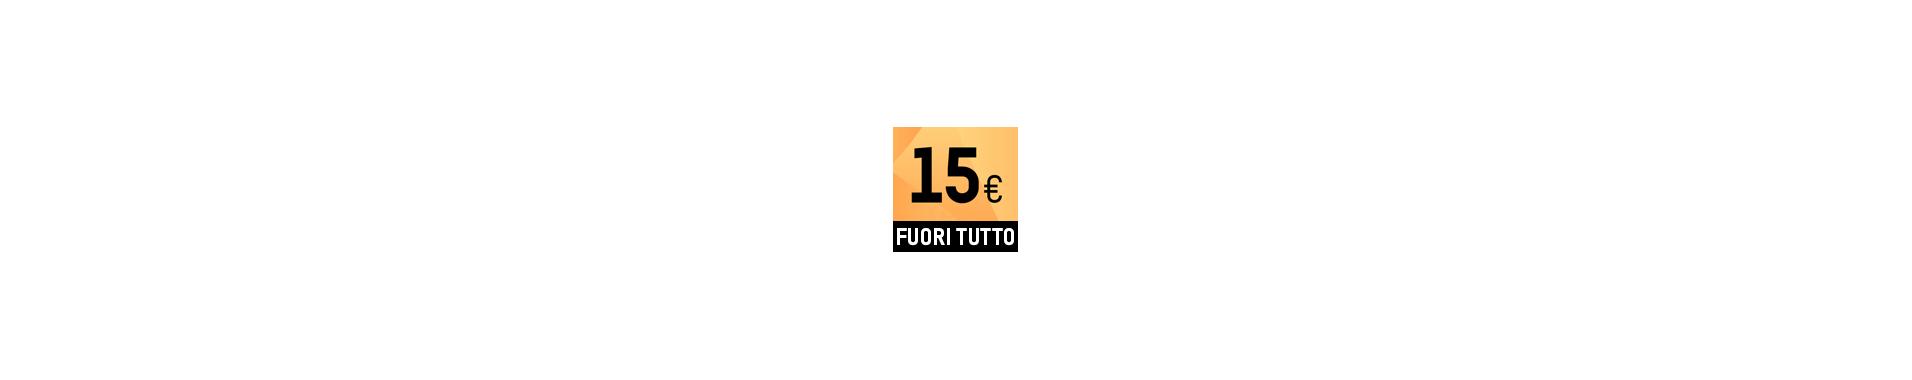 Guanti Moto a € 15